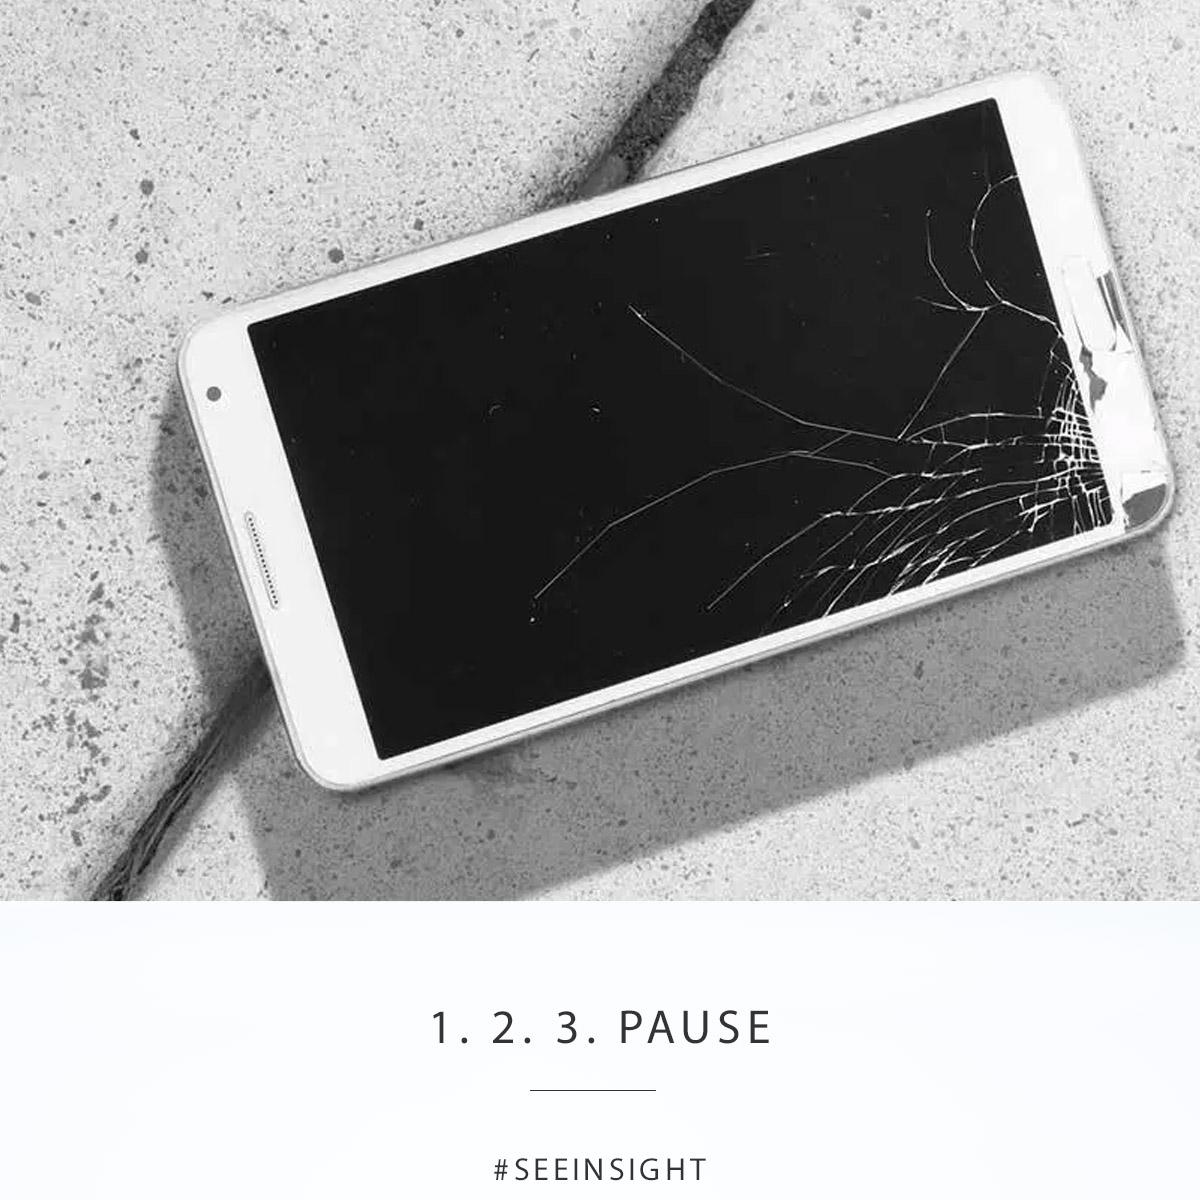 1. 2. 3. Pause